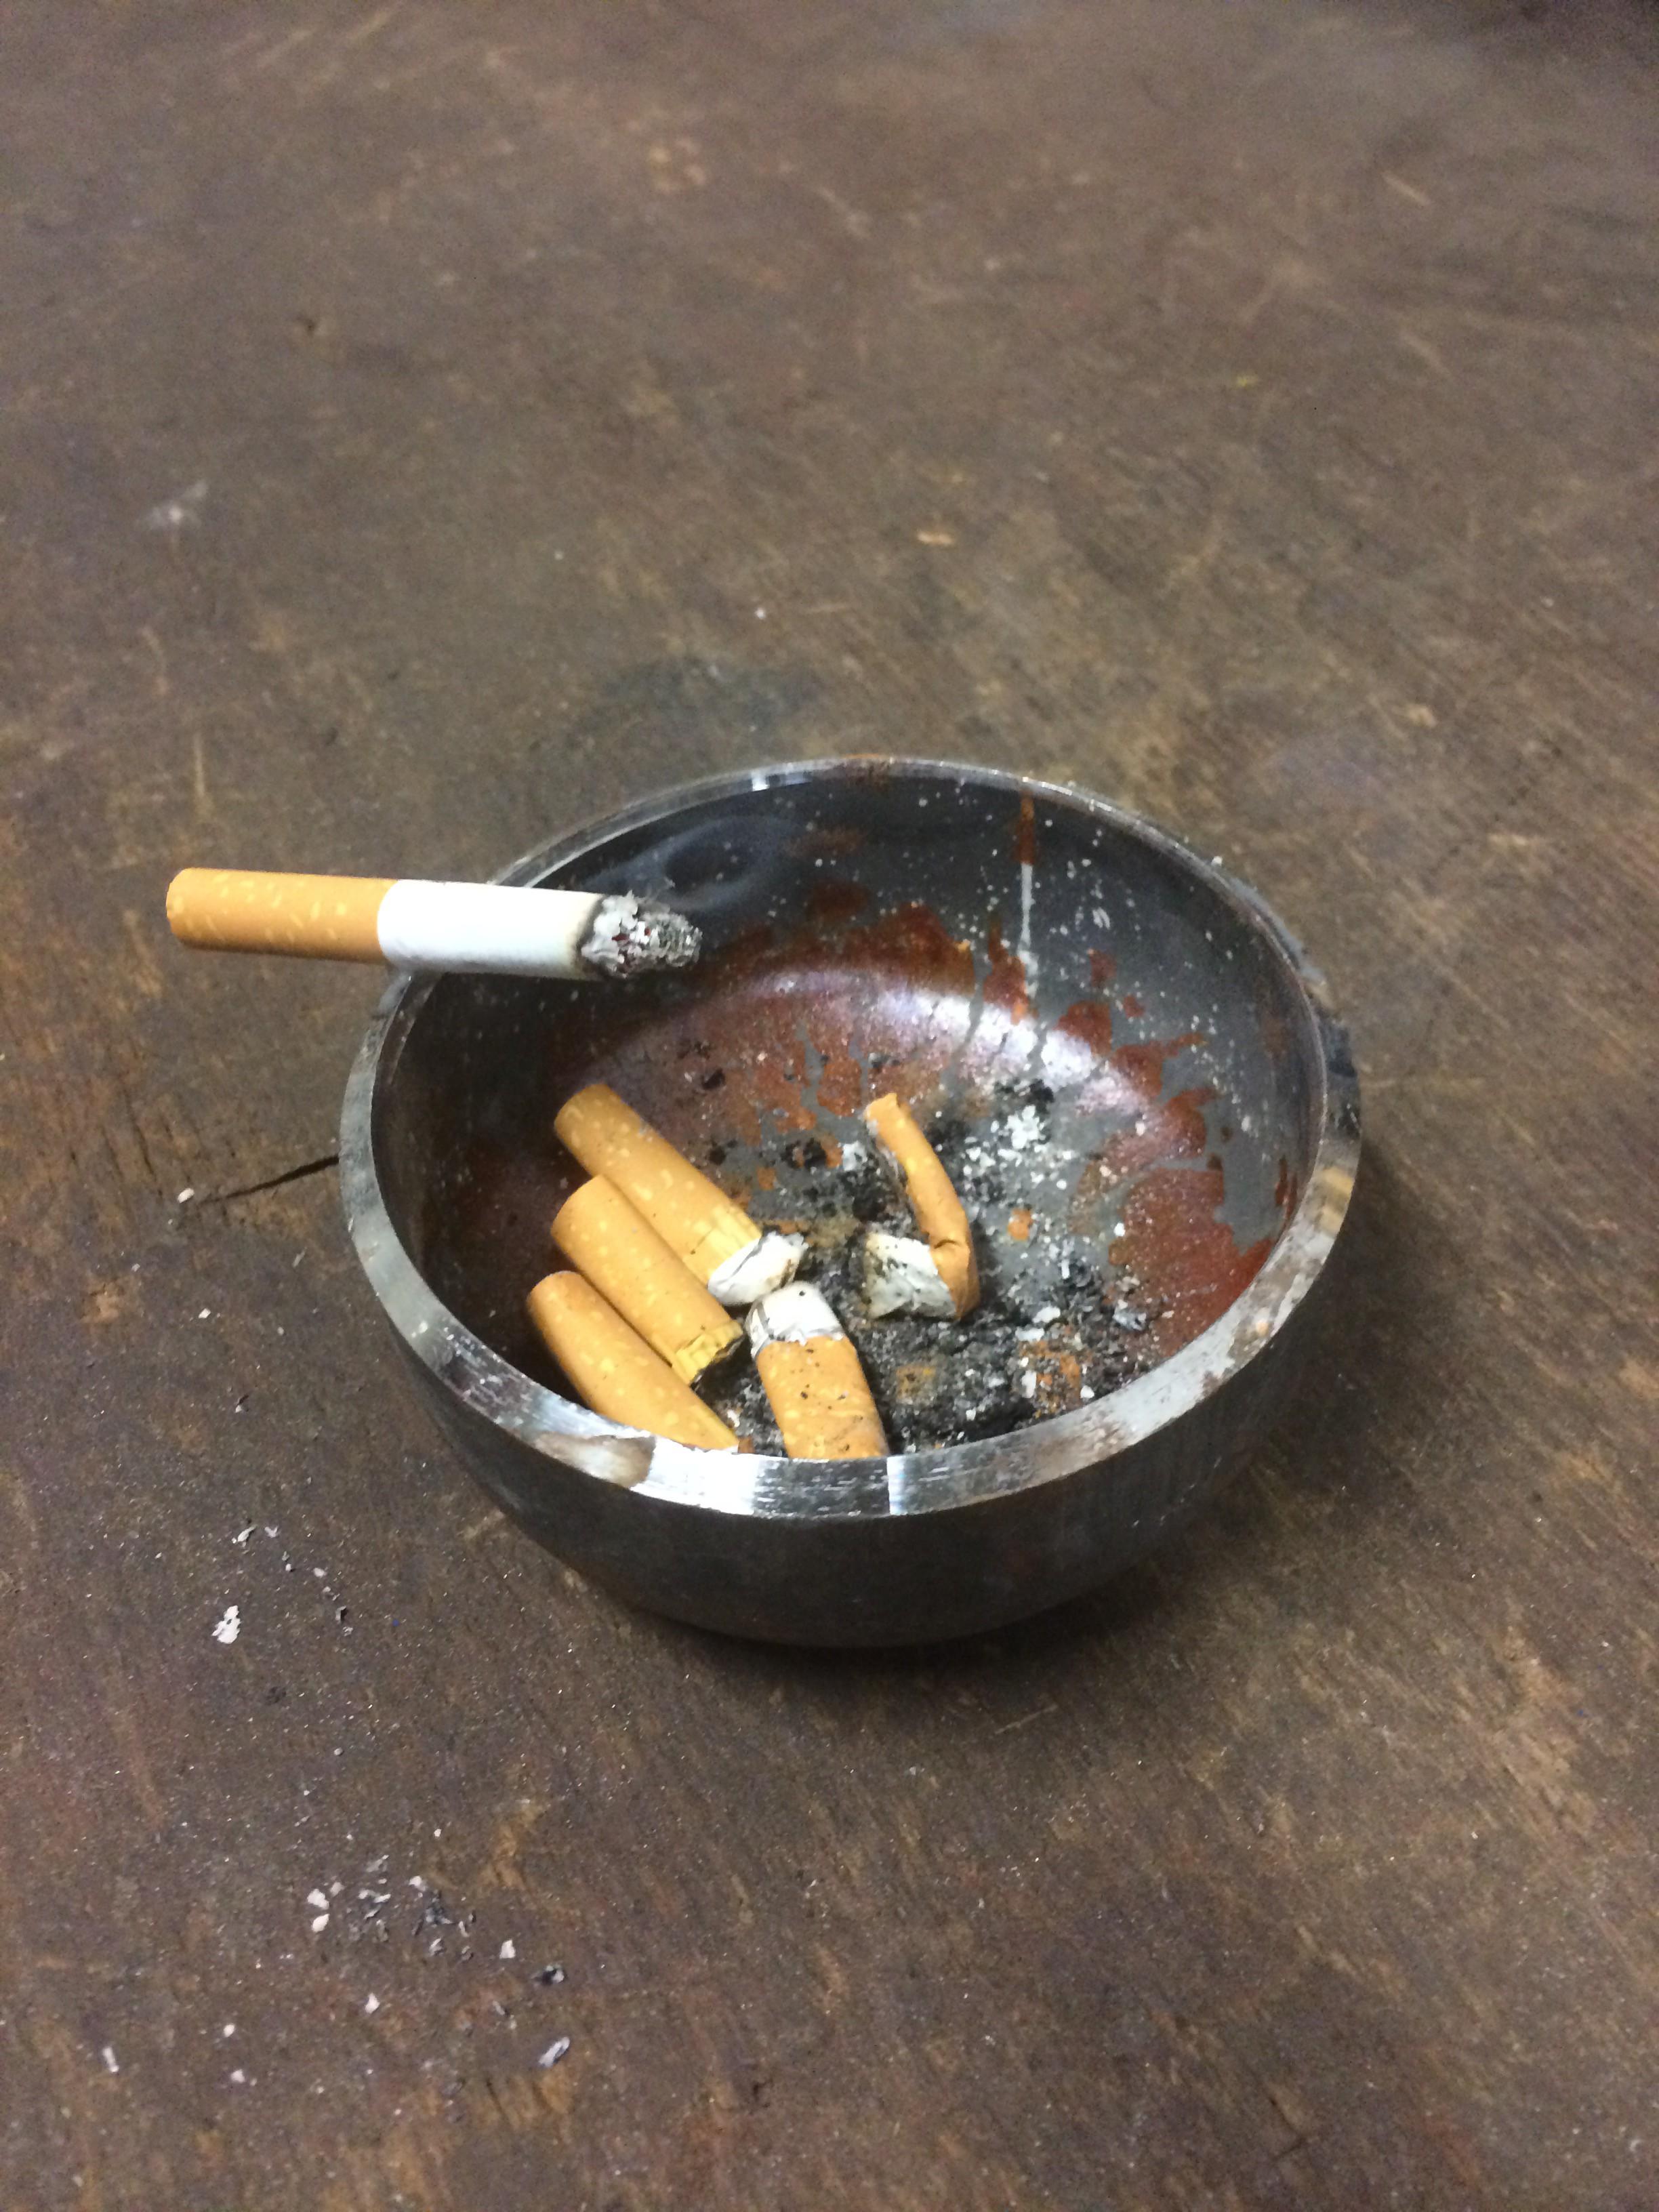 Erfahrungsbericht Hypnose Rauchen Köln